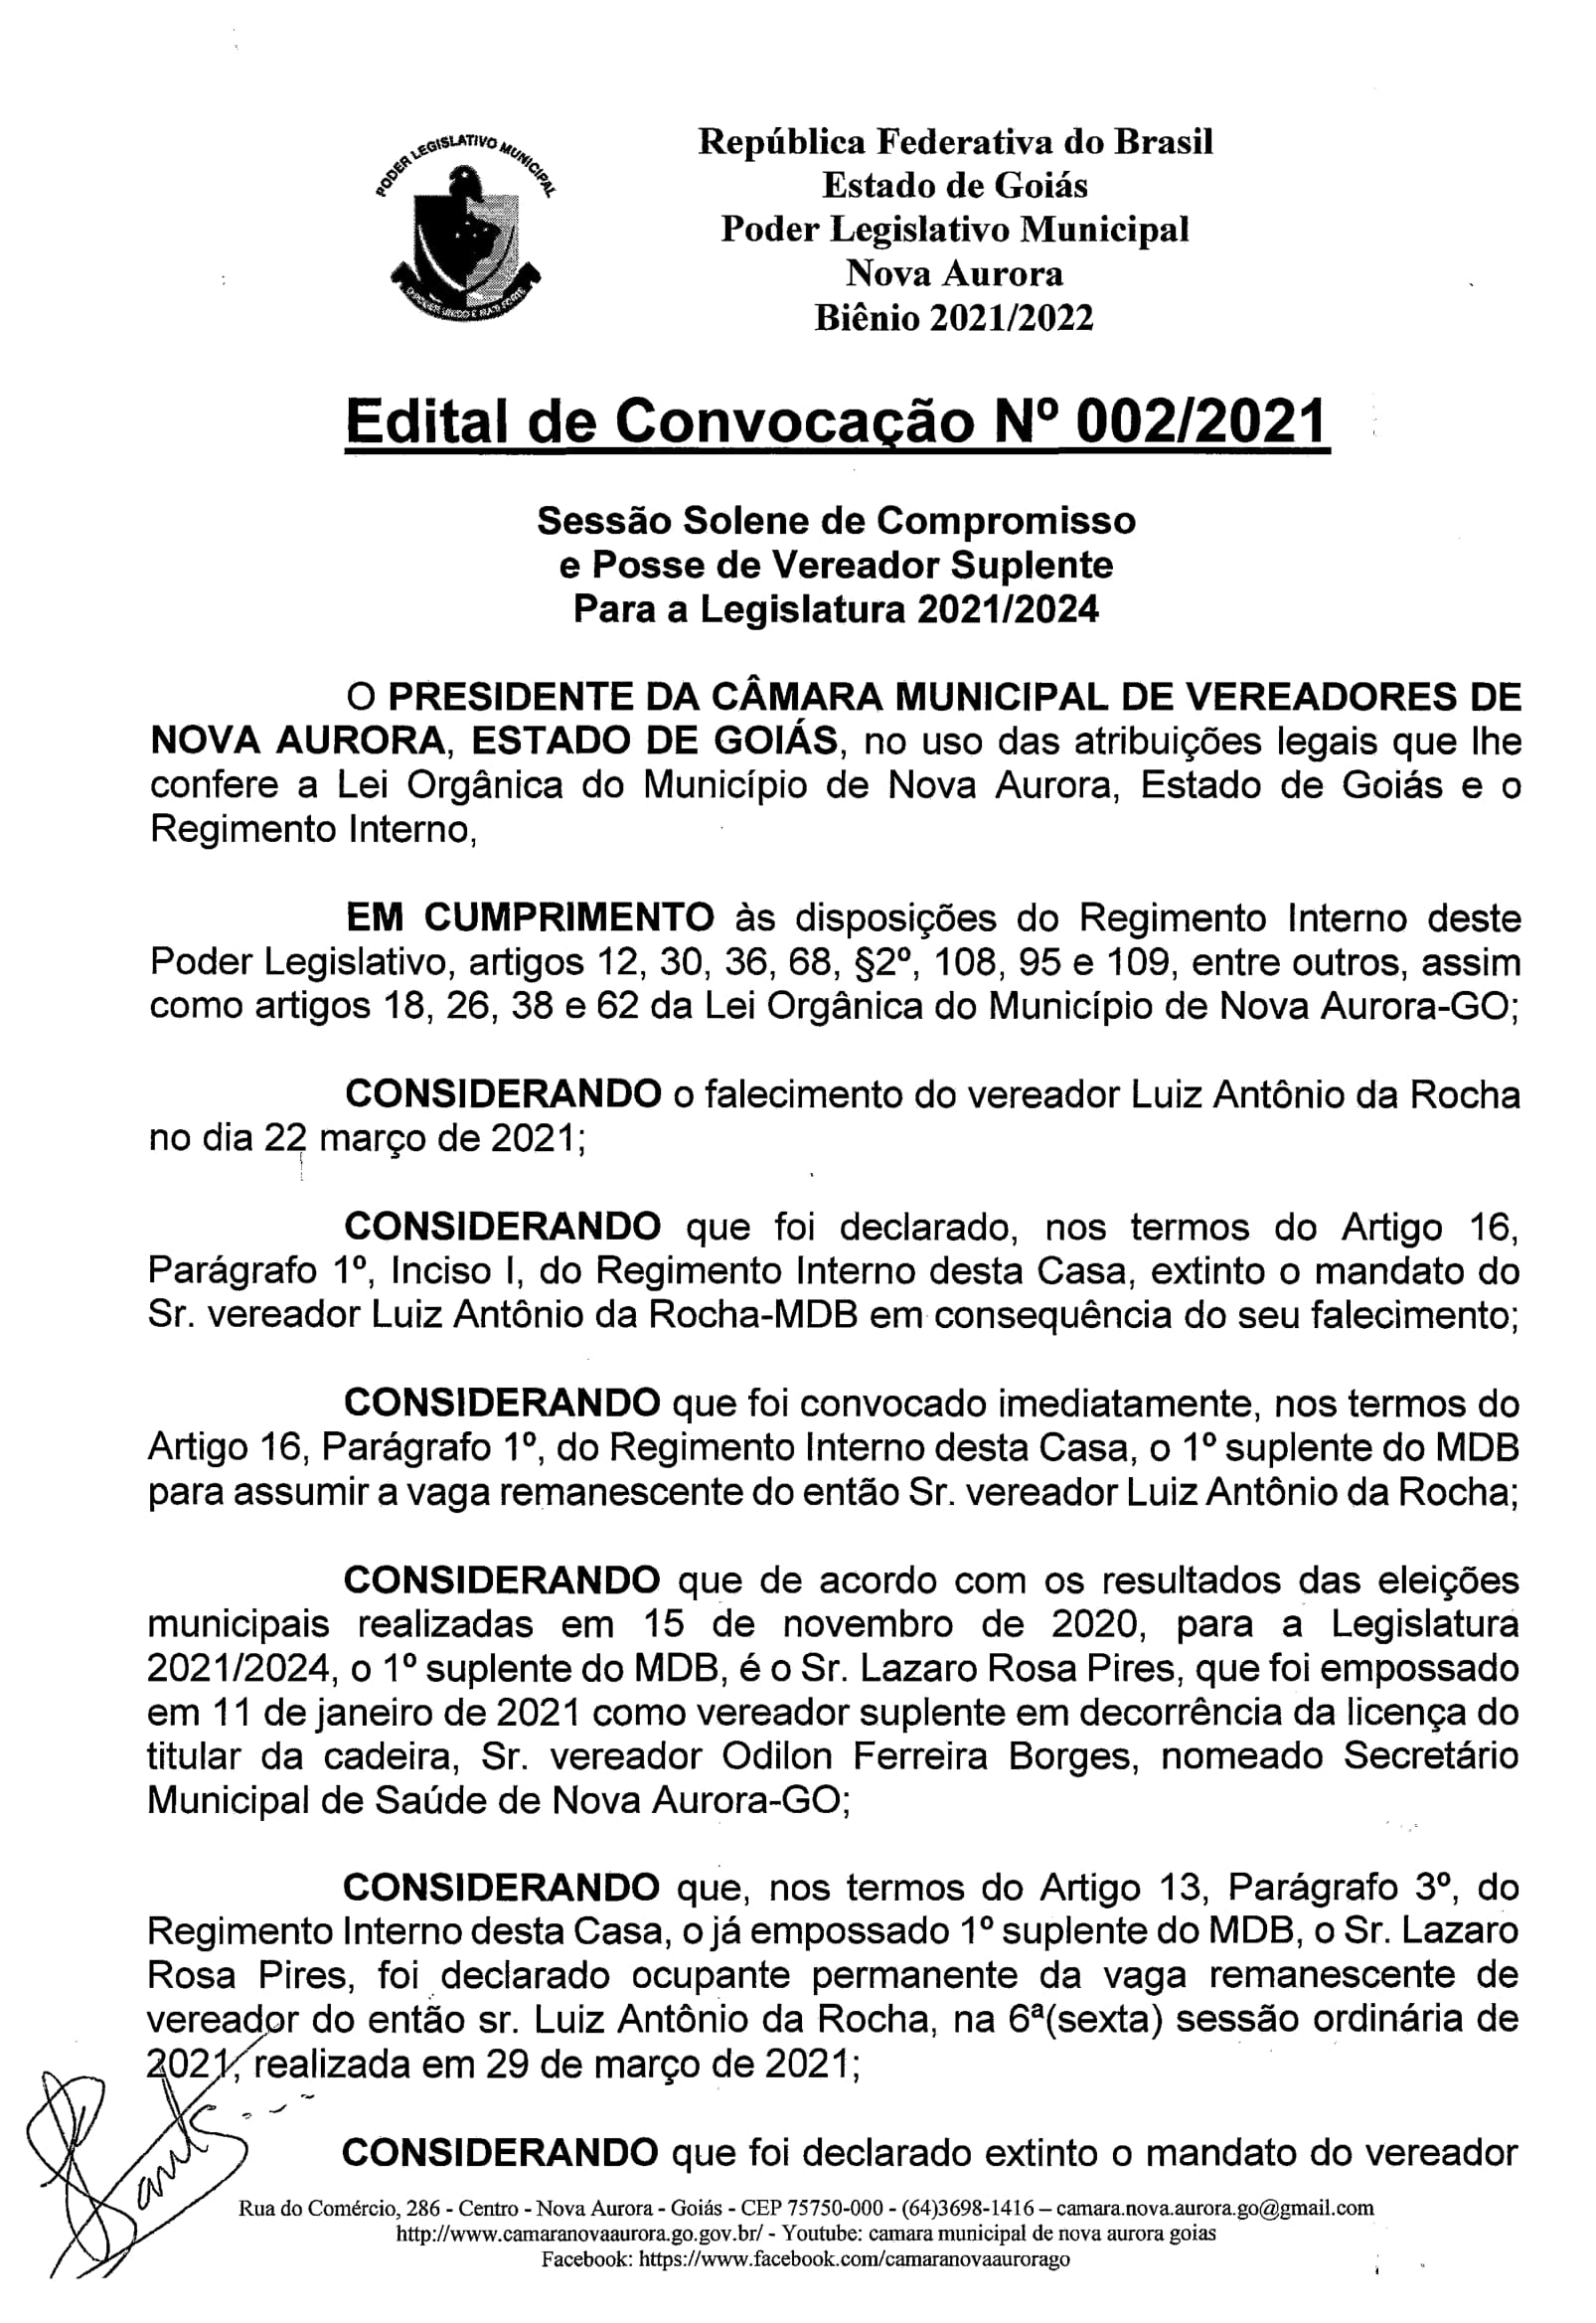 Edital de Convocação Para Posse do 2º Suplente do MDB Rildo Marques Pires